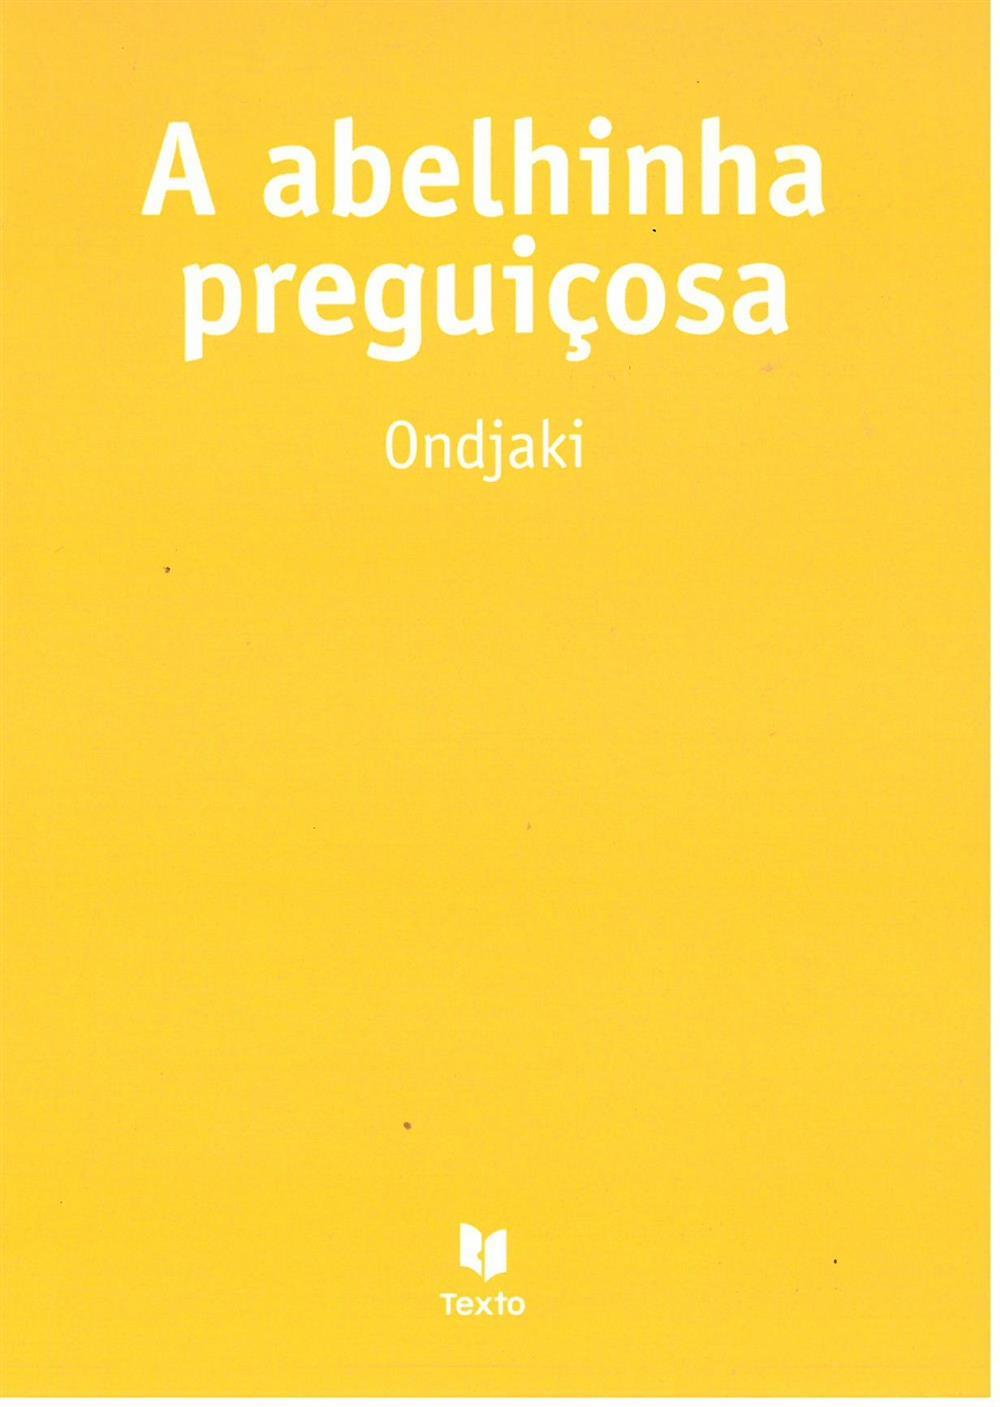 ONDJAKI (2011). A abelhinha preguiçosa.jpg